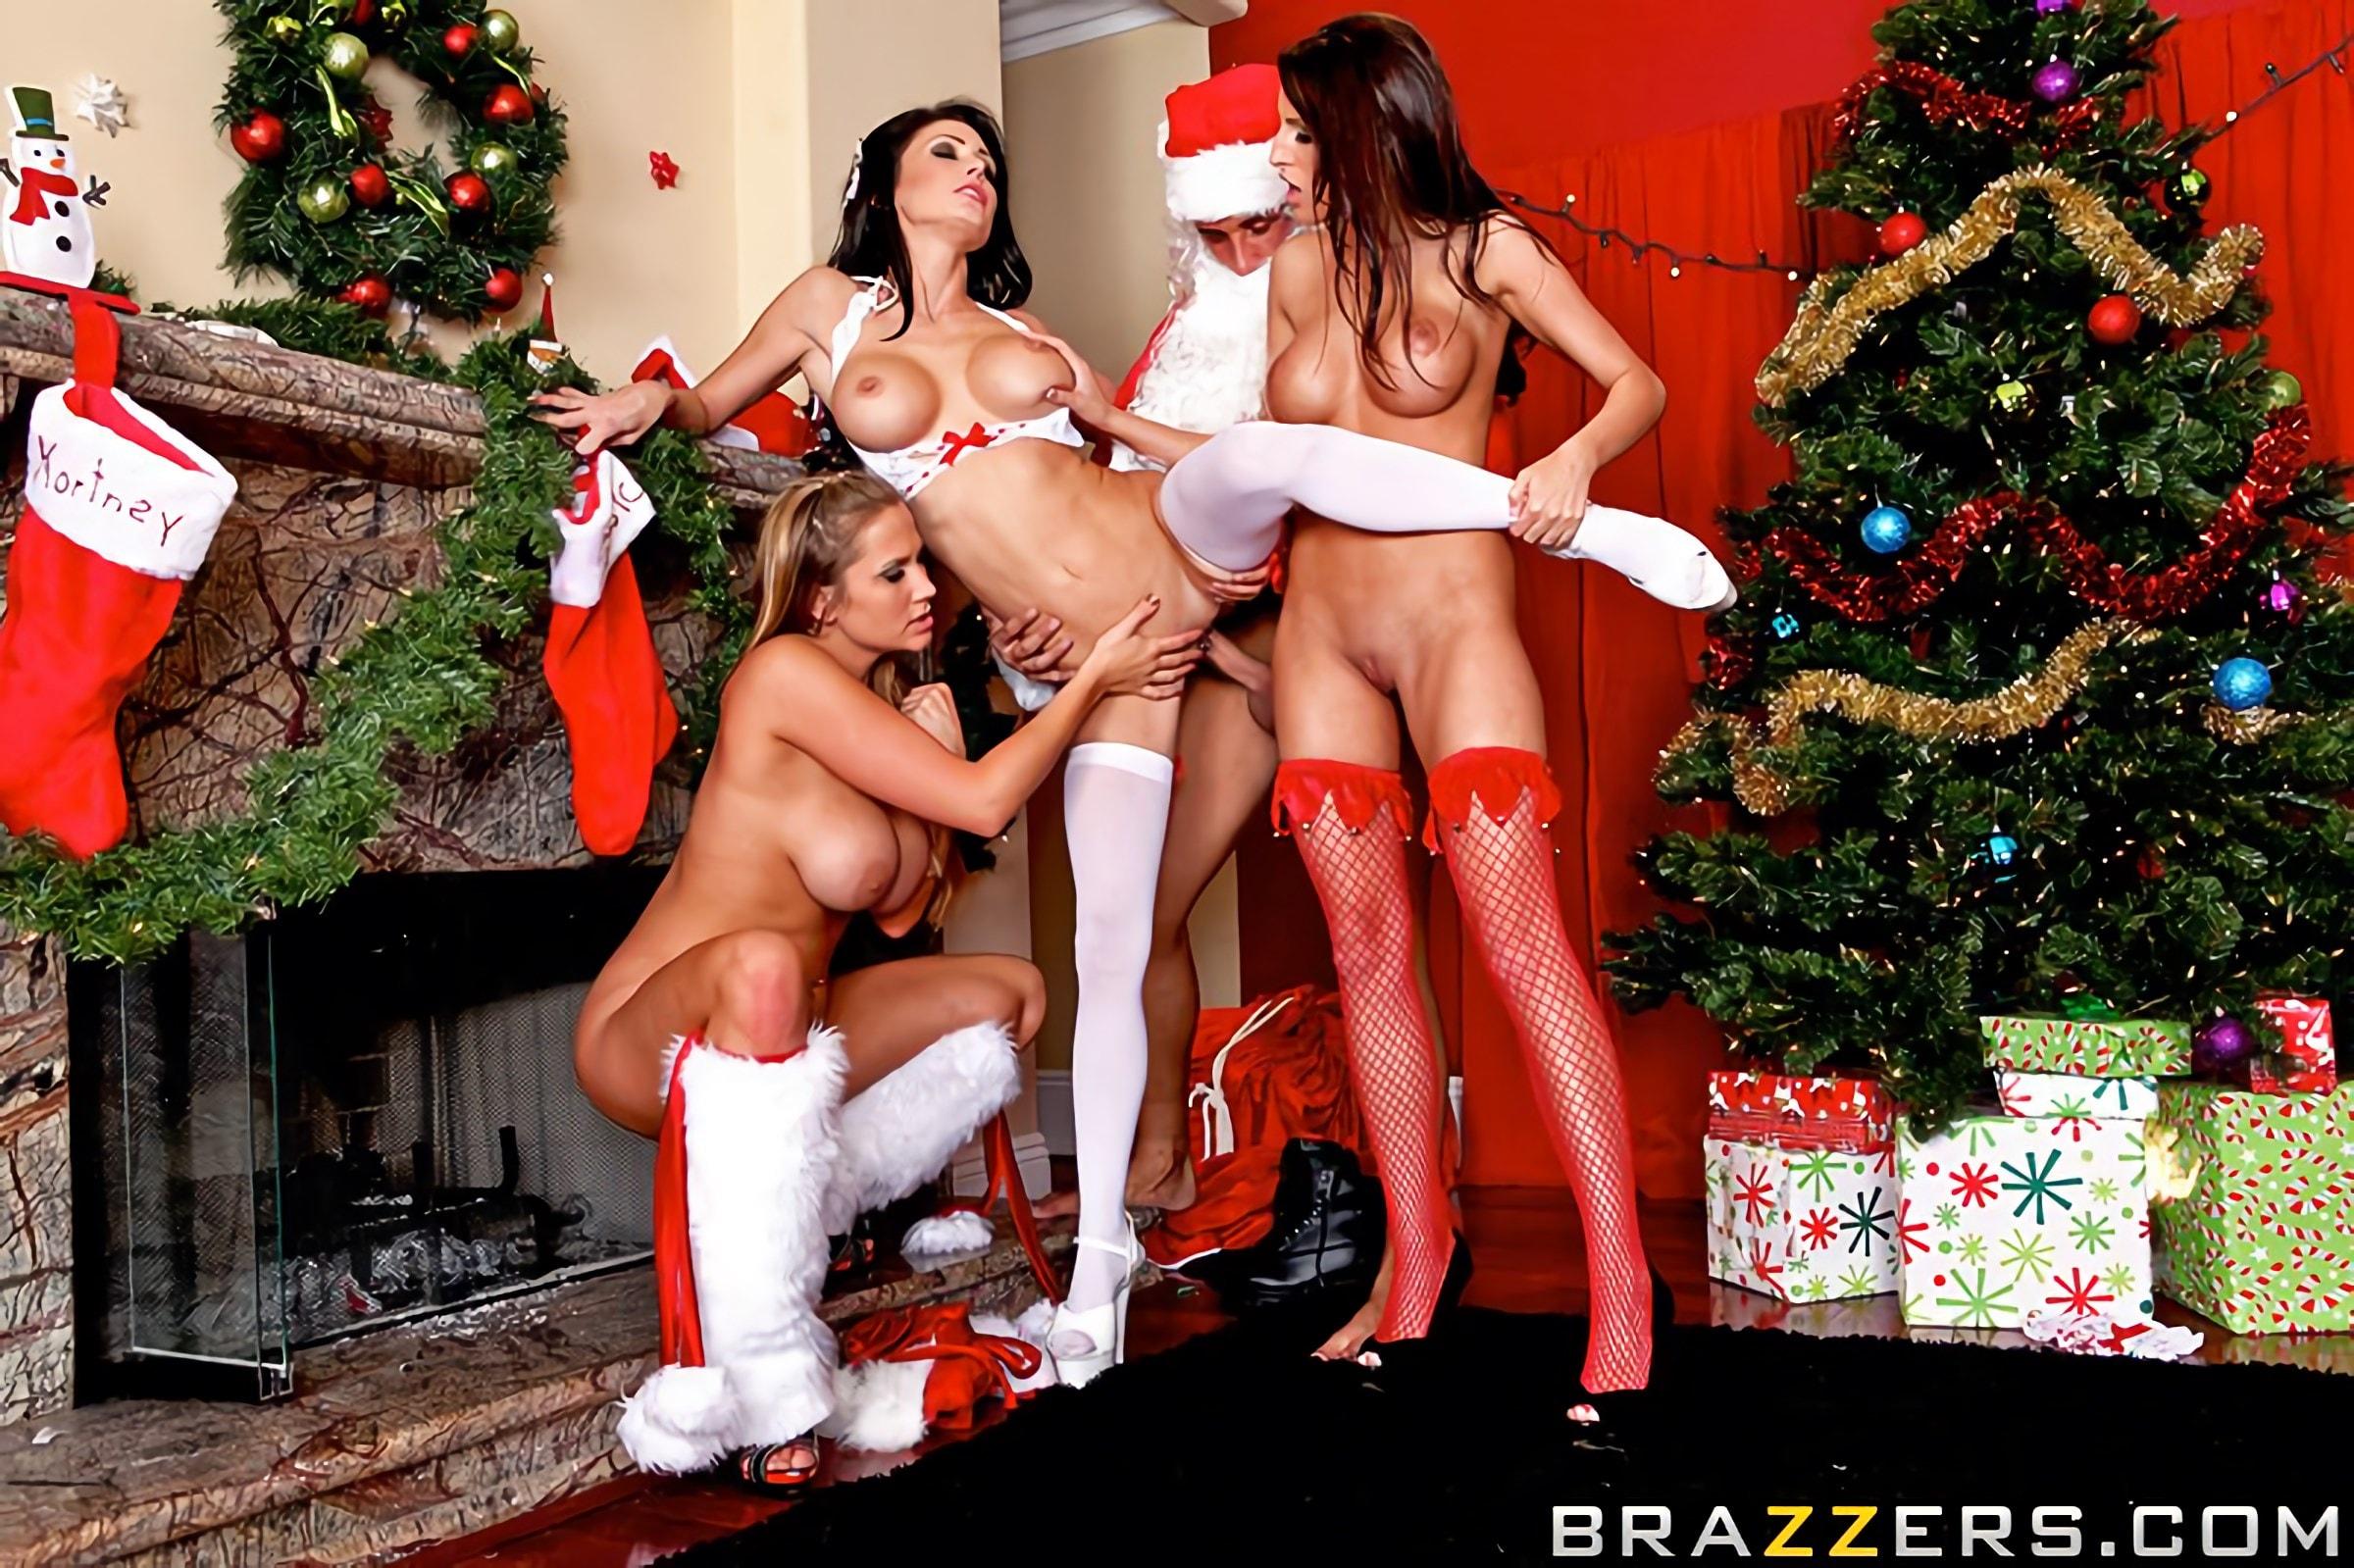 секс под новый год скачать